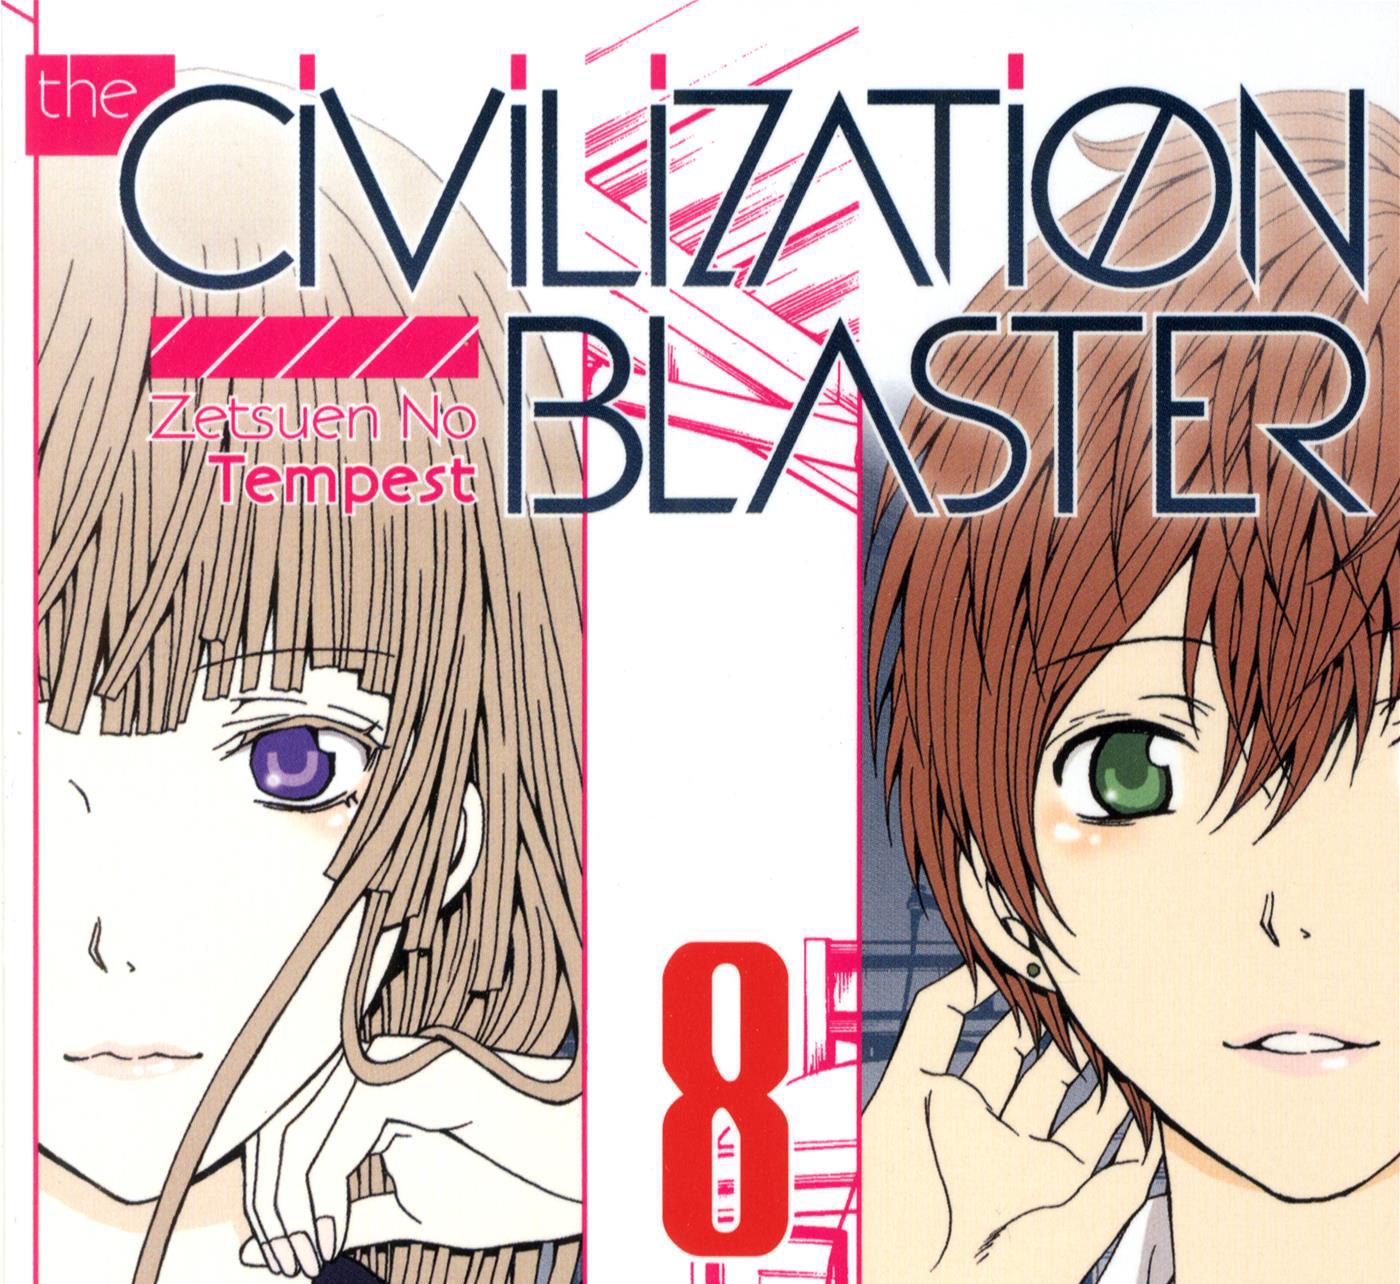 Civilization Blaster tome t8